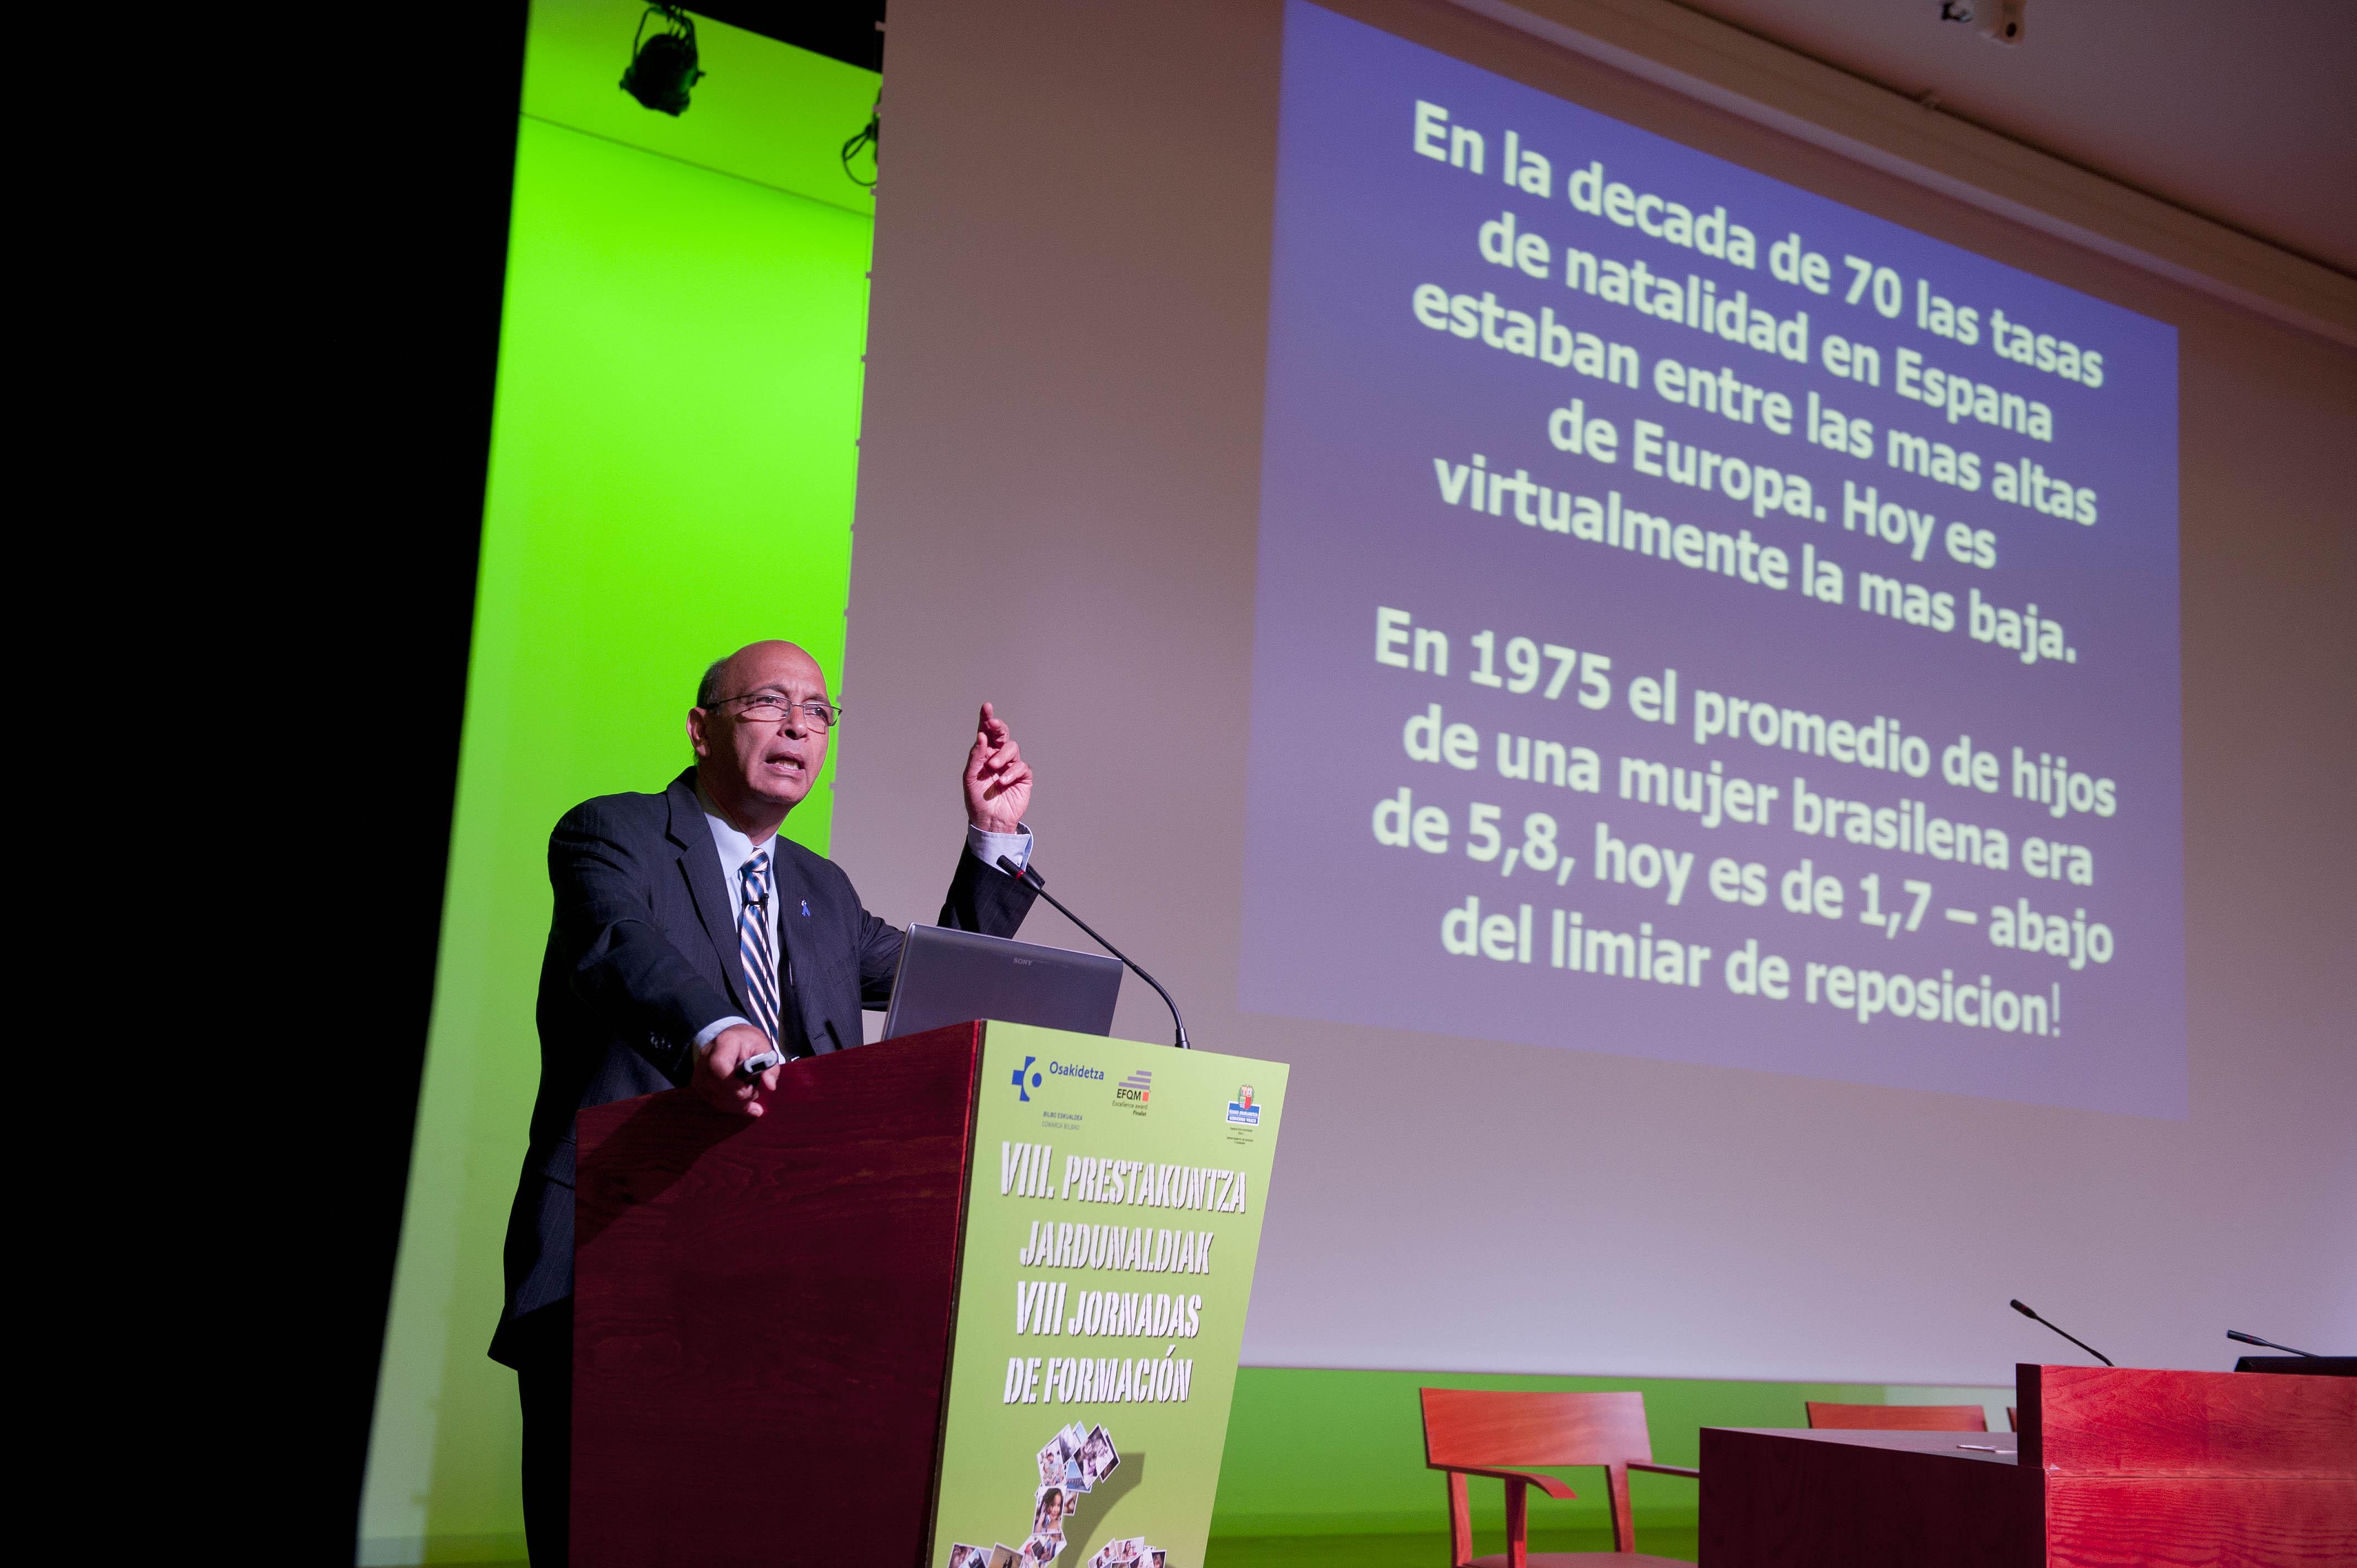 2012_06_07_bengoa_jornadas_formacion_14.jpg